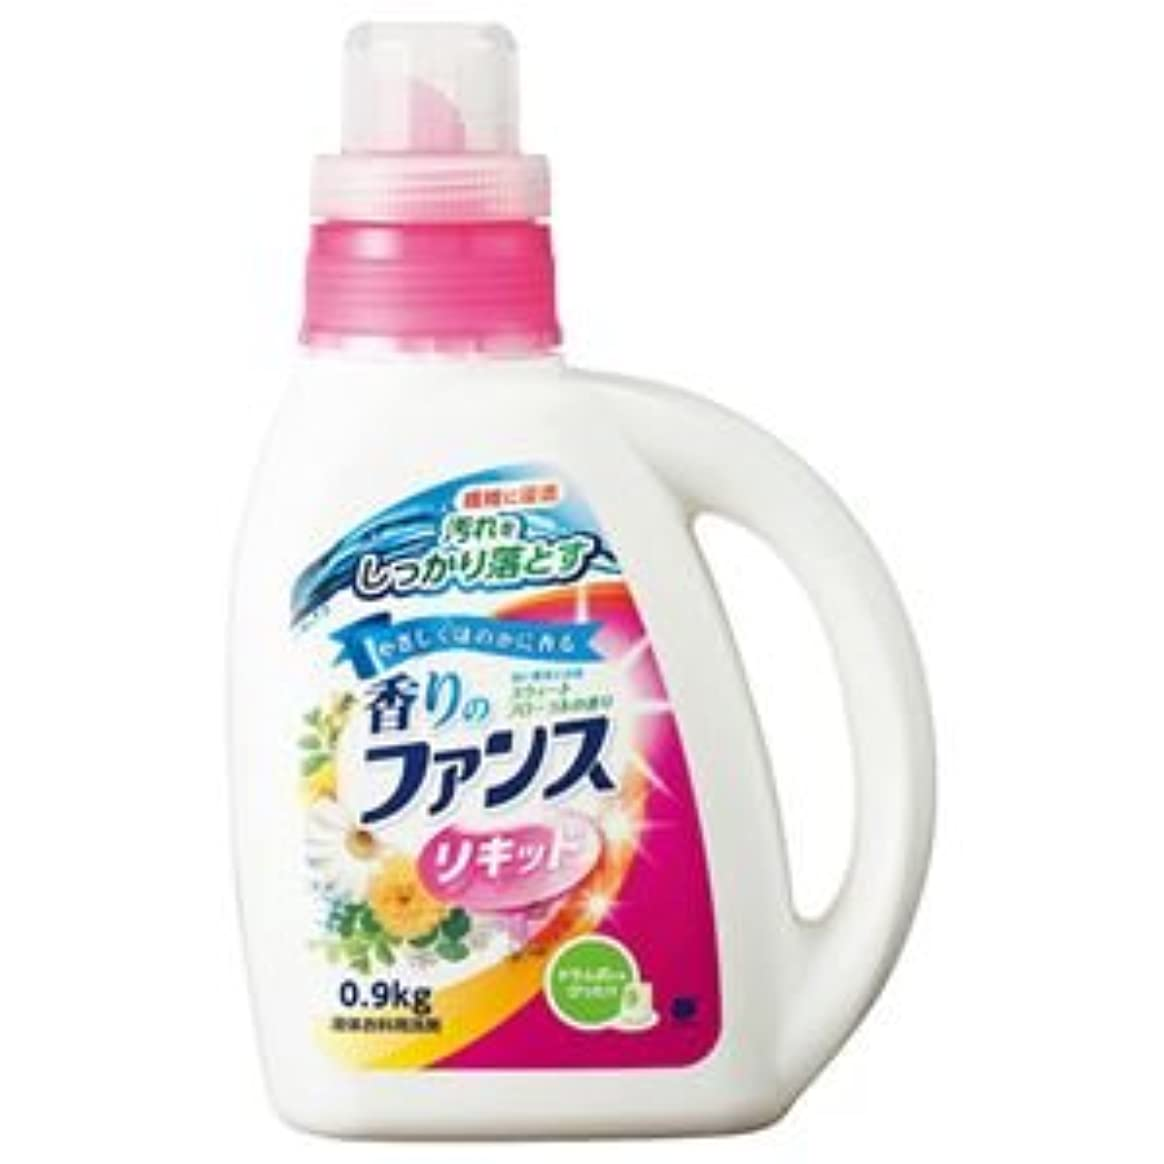 宣伝ベルスーツケース(まとめ) 第一石鹸 香りのファンス 液体衣料用洗剤リキッド 本体 0.9kg 1本 【×10セット】